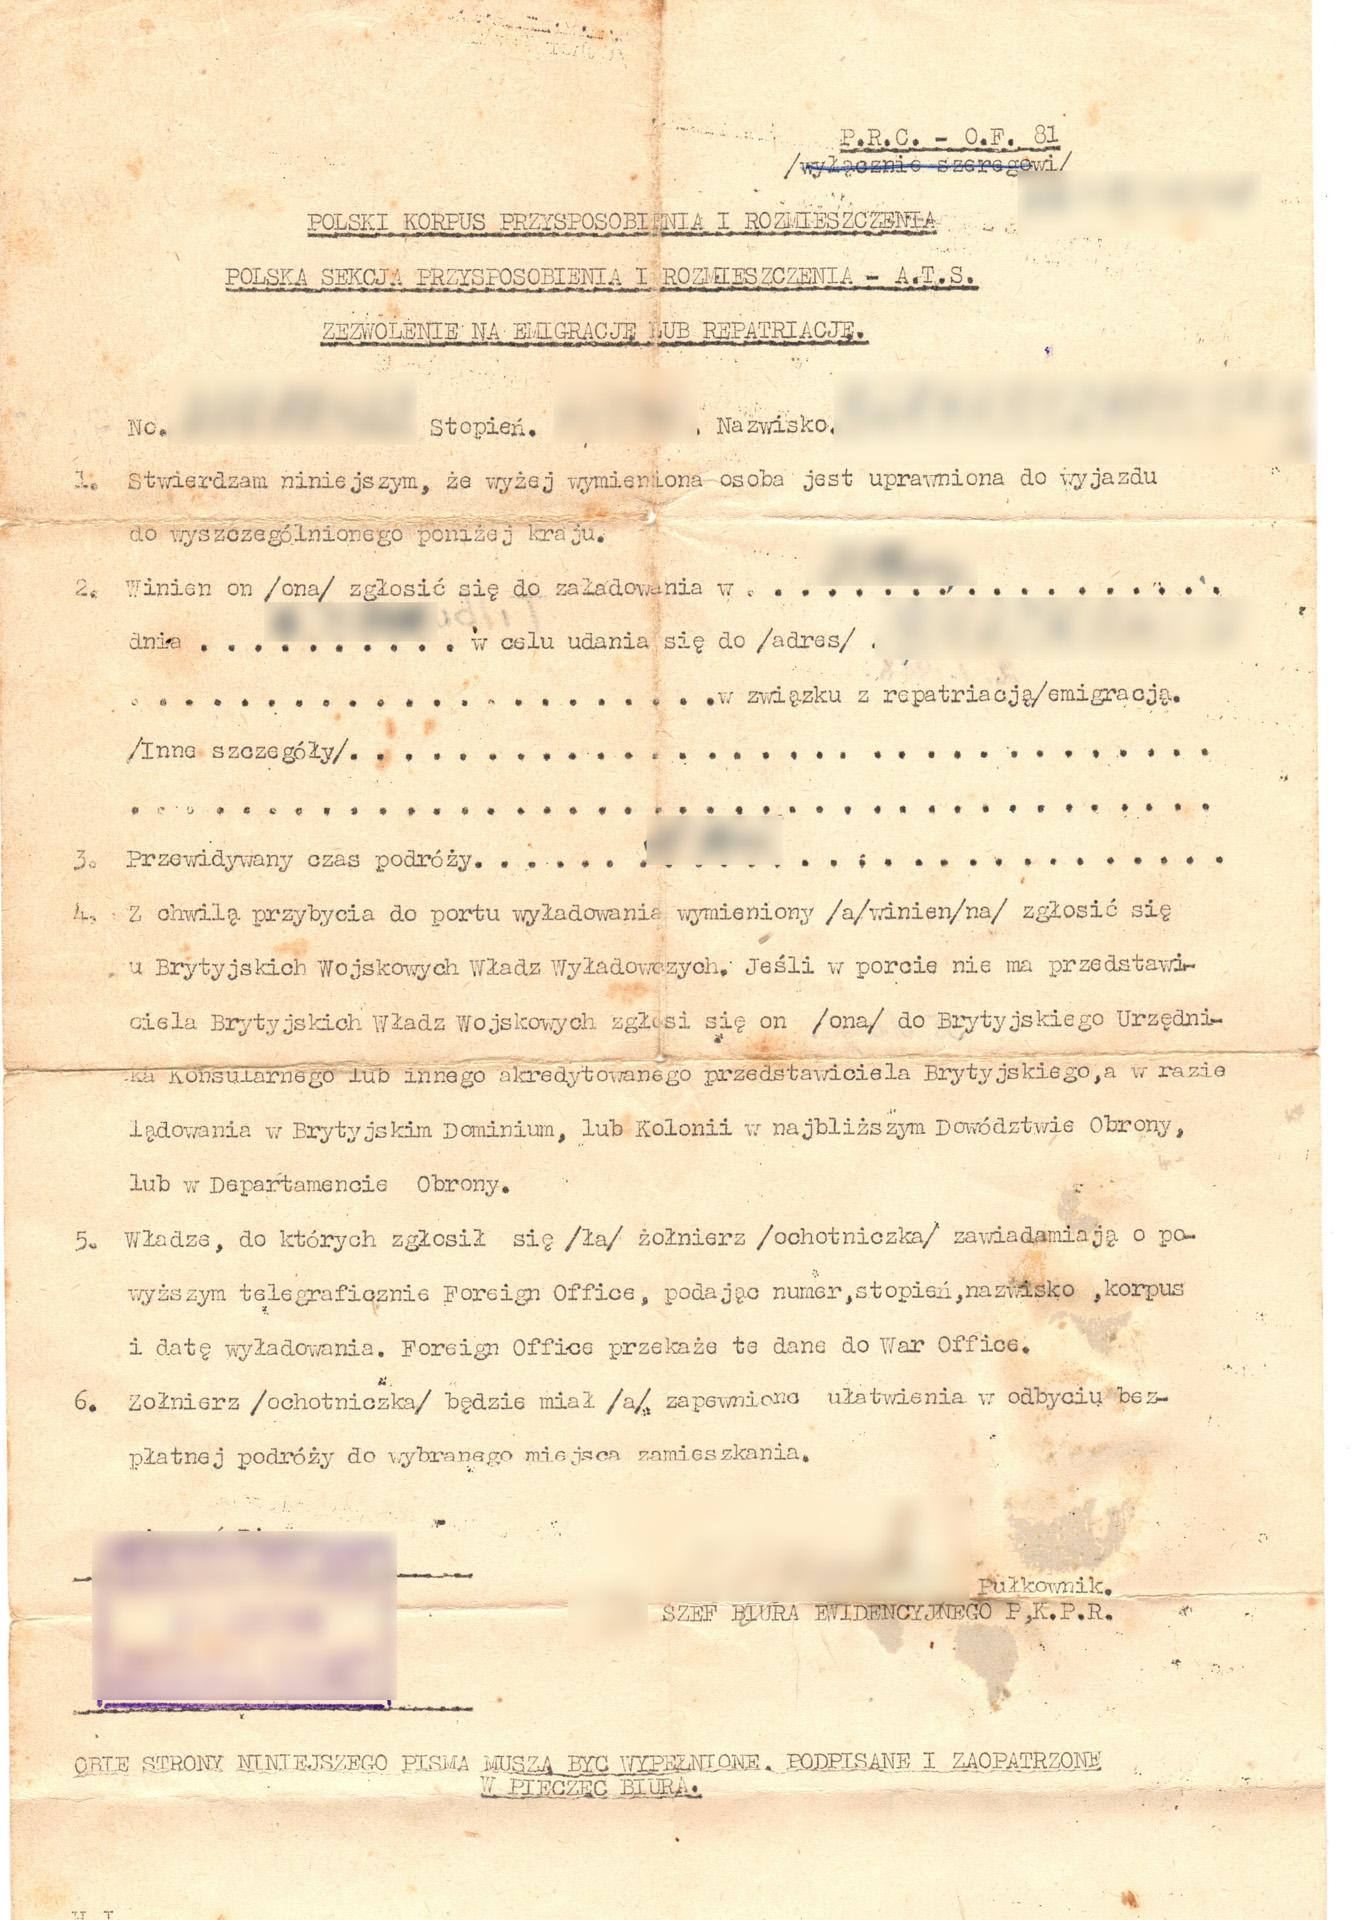 polski korpus przysposobienia i rozmieszczenia zezwolenie na emigrację lub repatriację